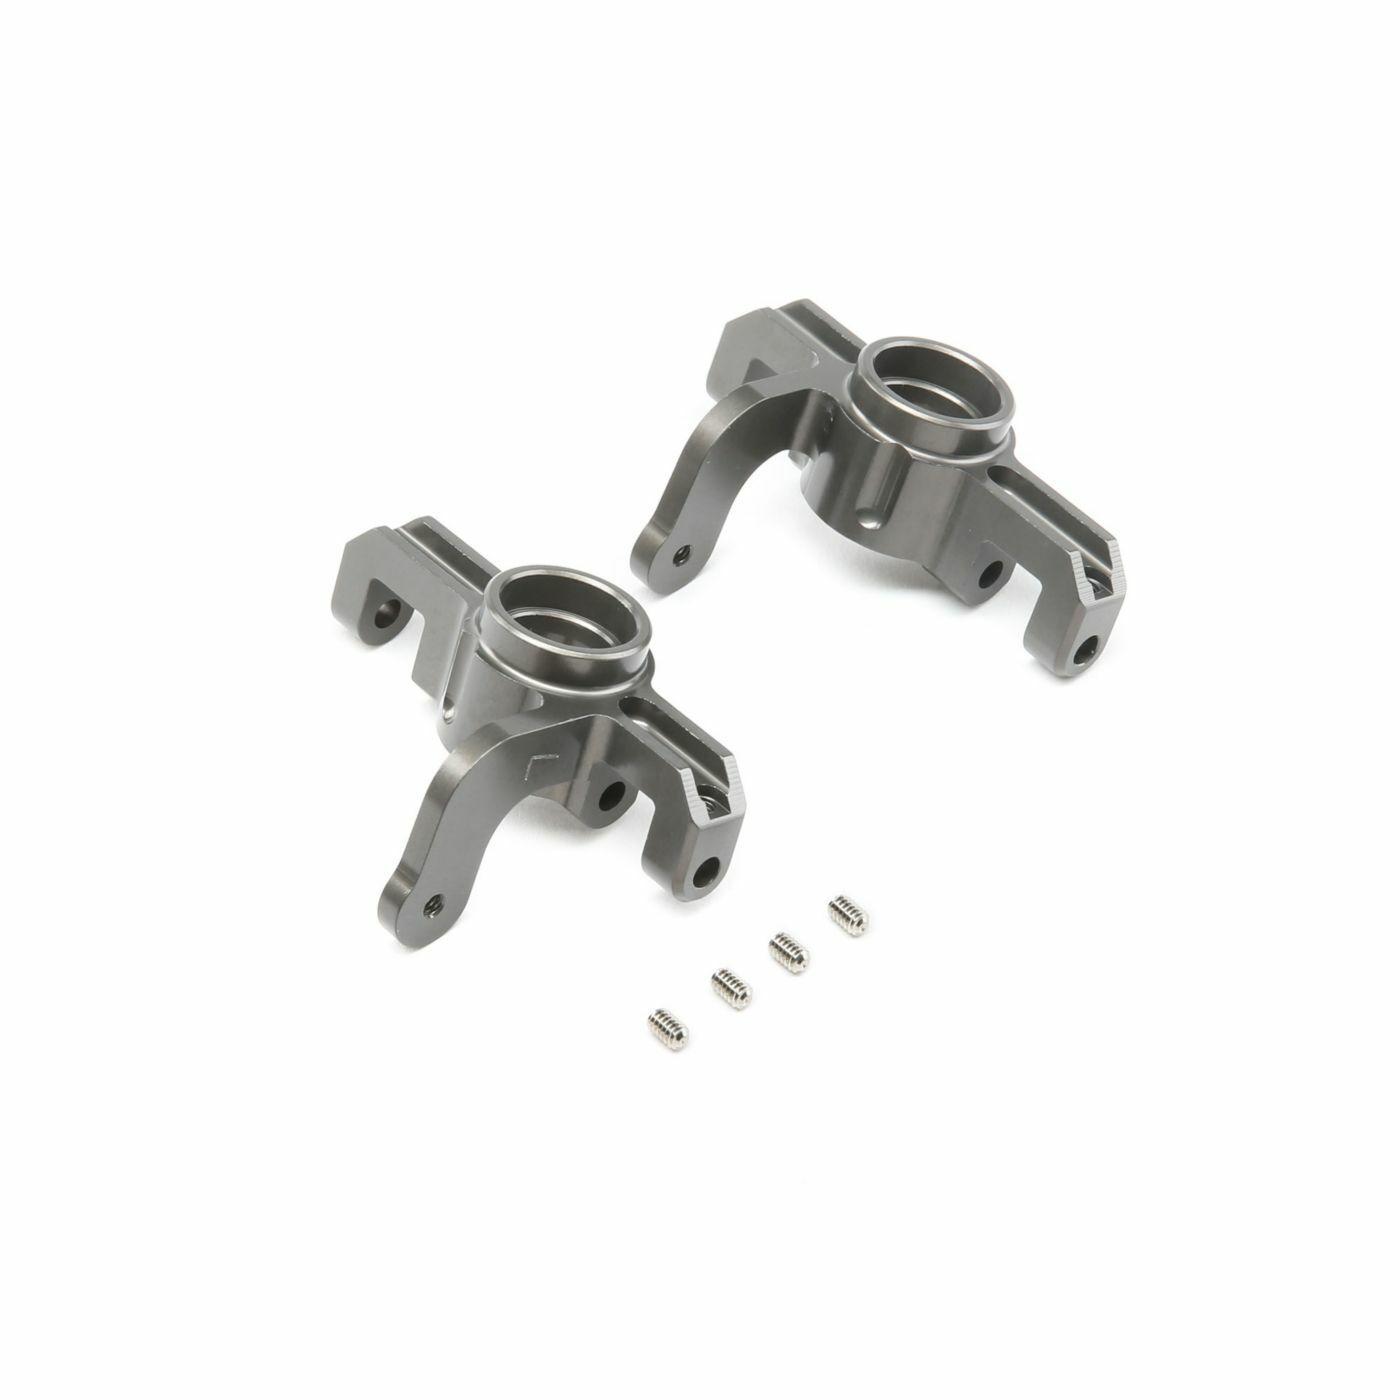 Conjunto de eje frontal de aluminio para universales  8 E 4.0 Z-TLR344006